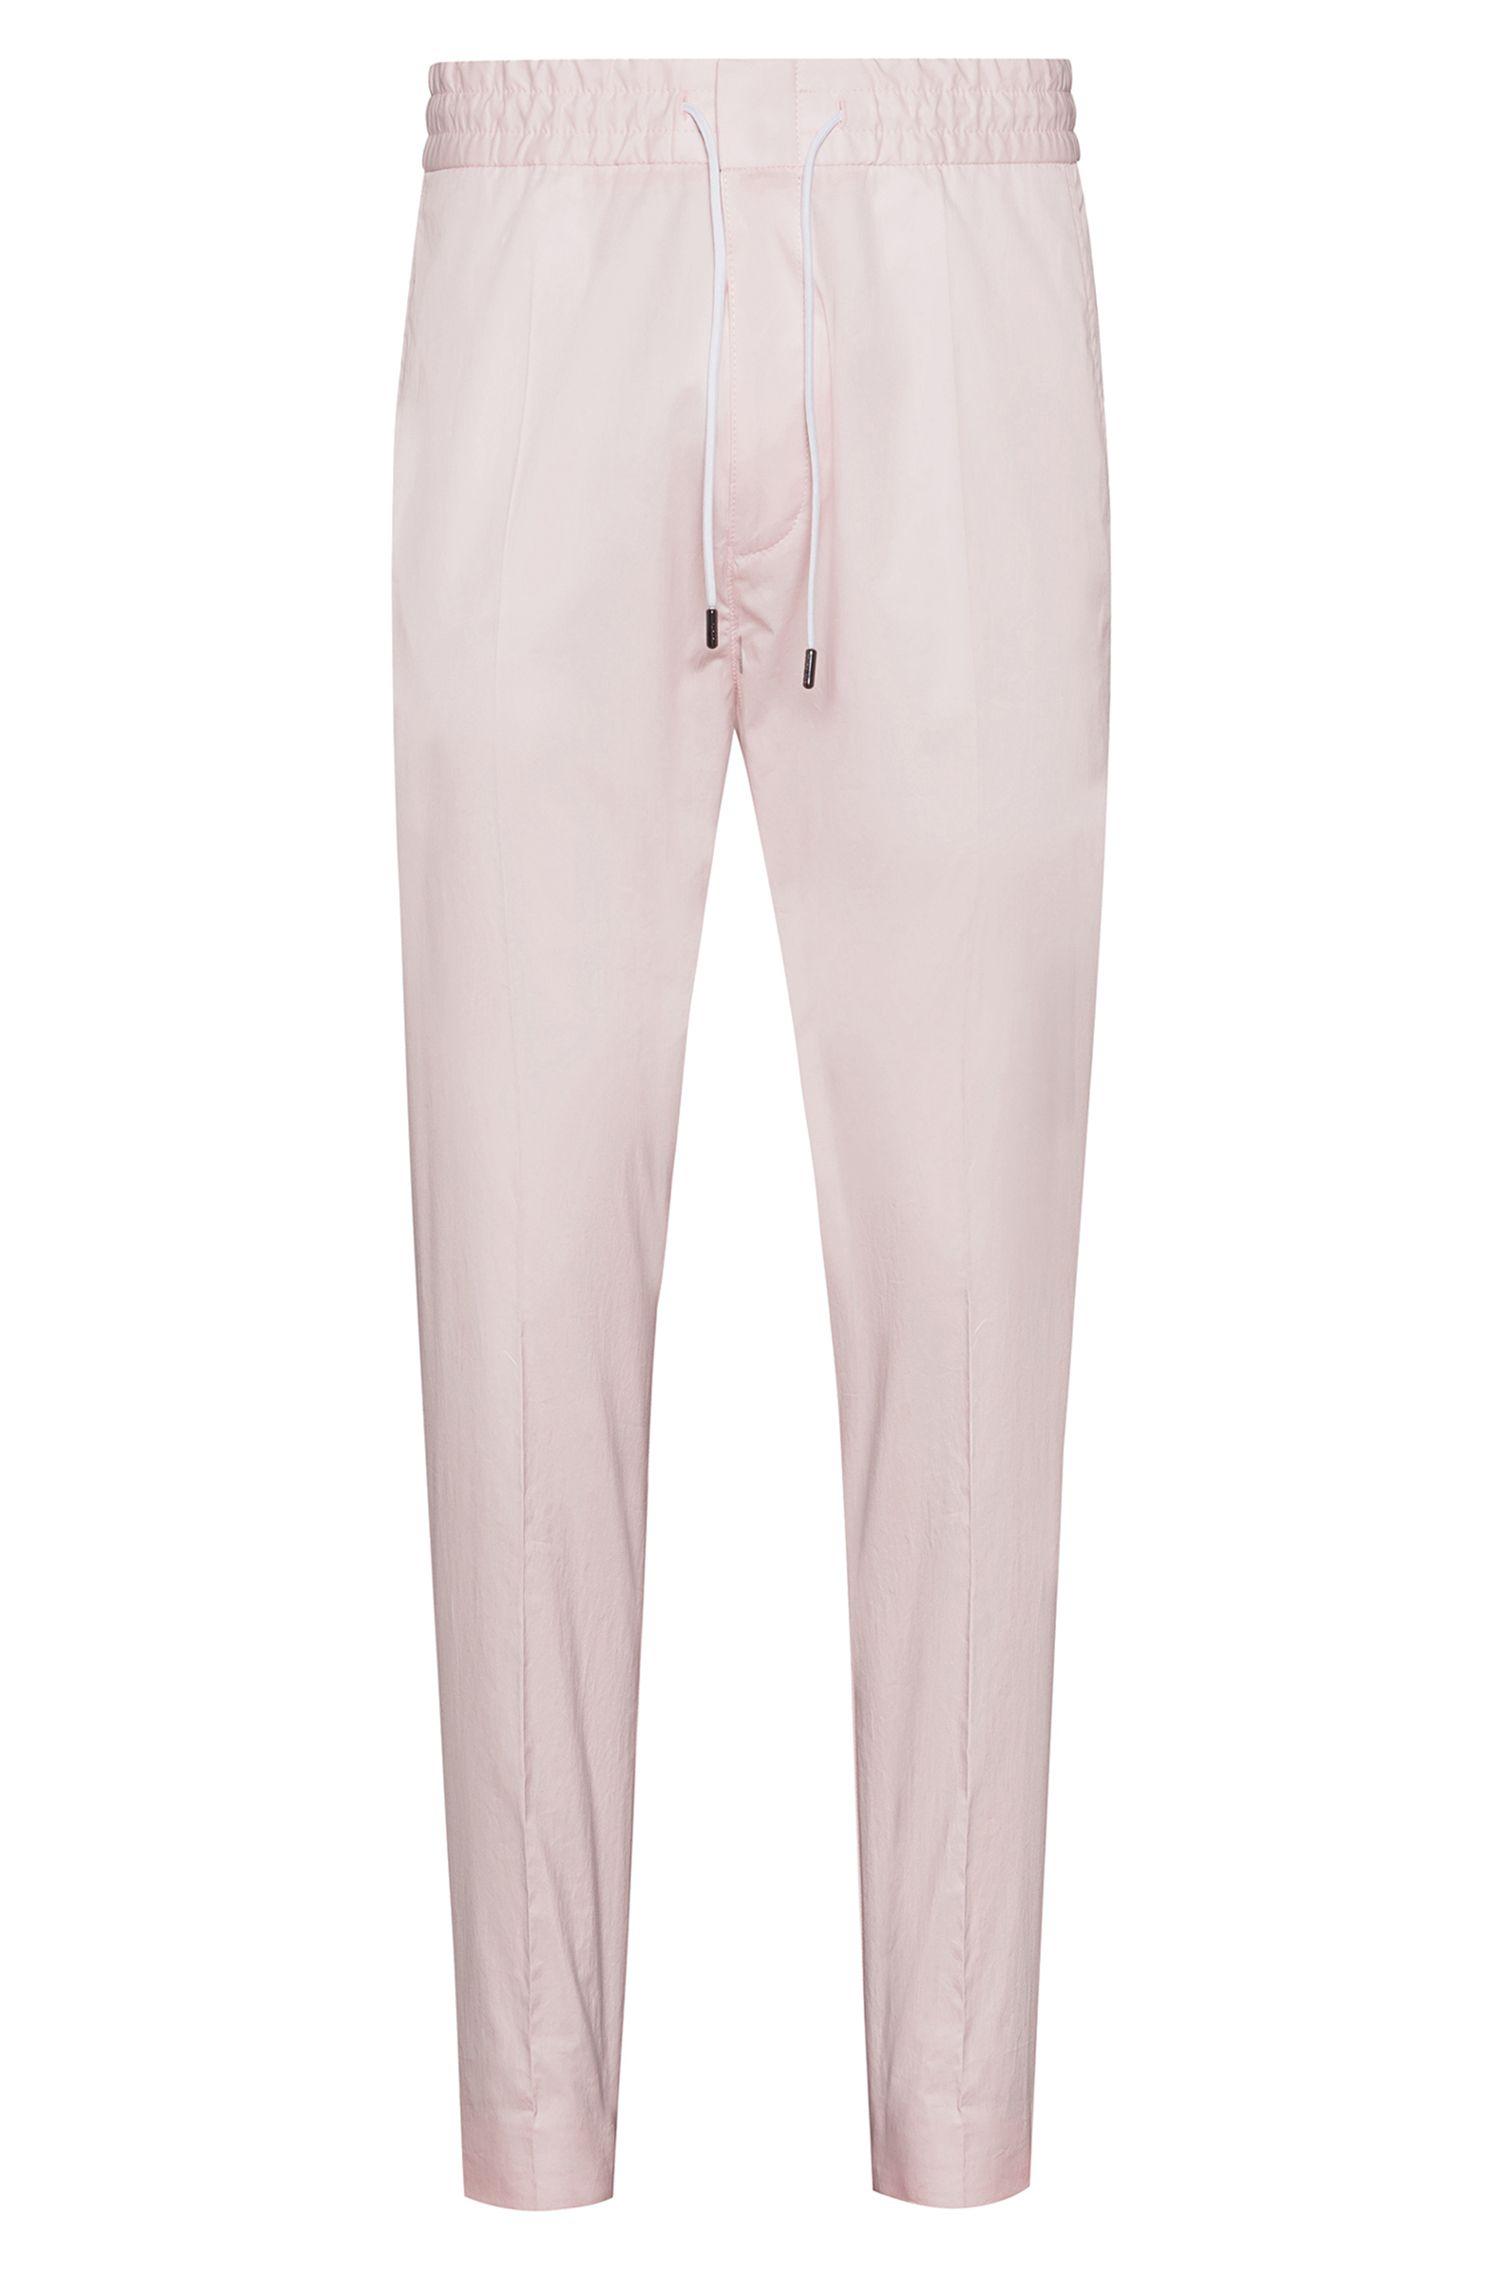 Pantalon Tapered Fit en coton stretch avec cordon de serrage à la taille, Rose clair